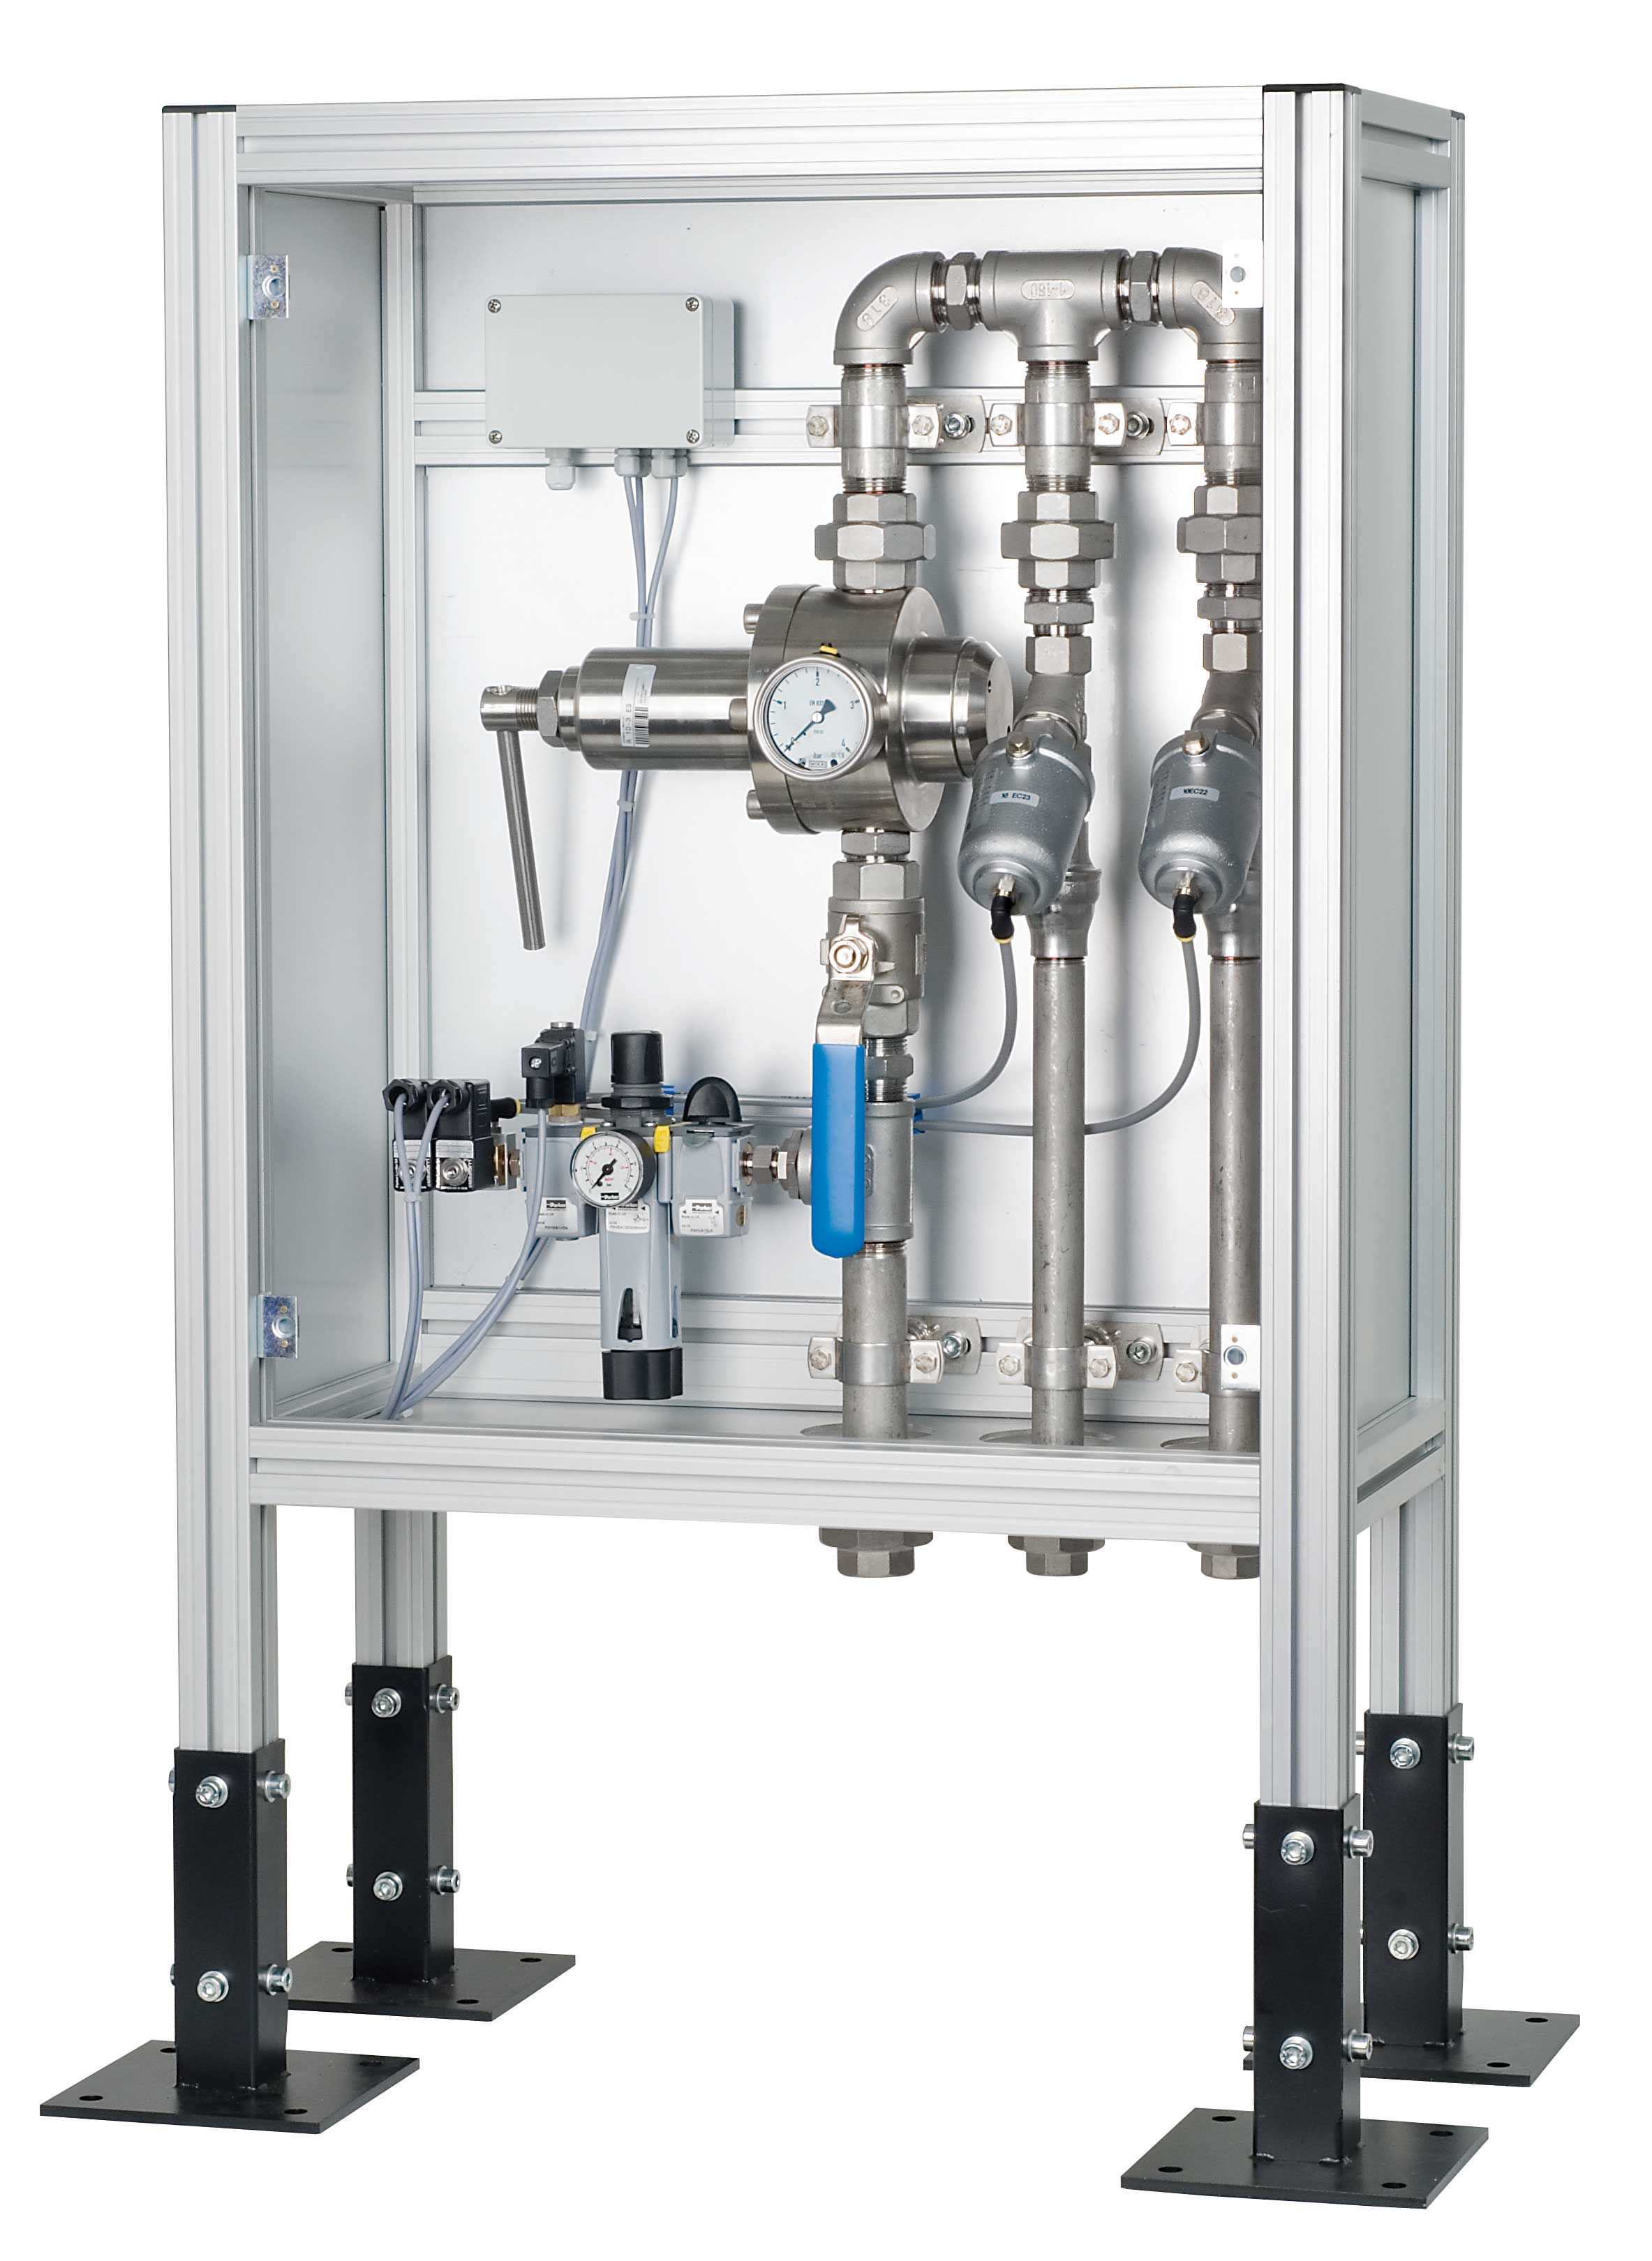 Flüssigkeits- und Gasströme steuern, regeln und kühlen